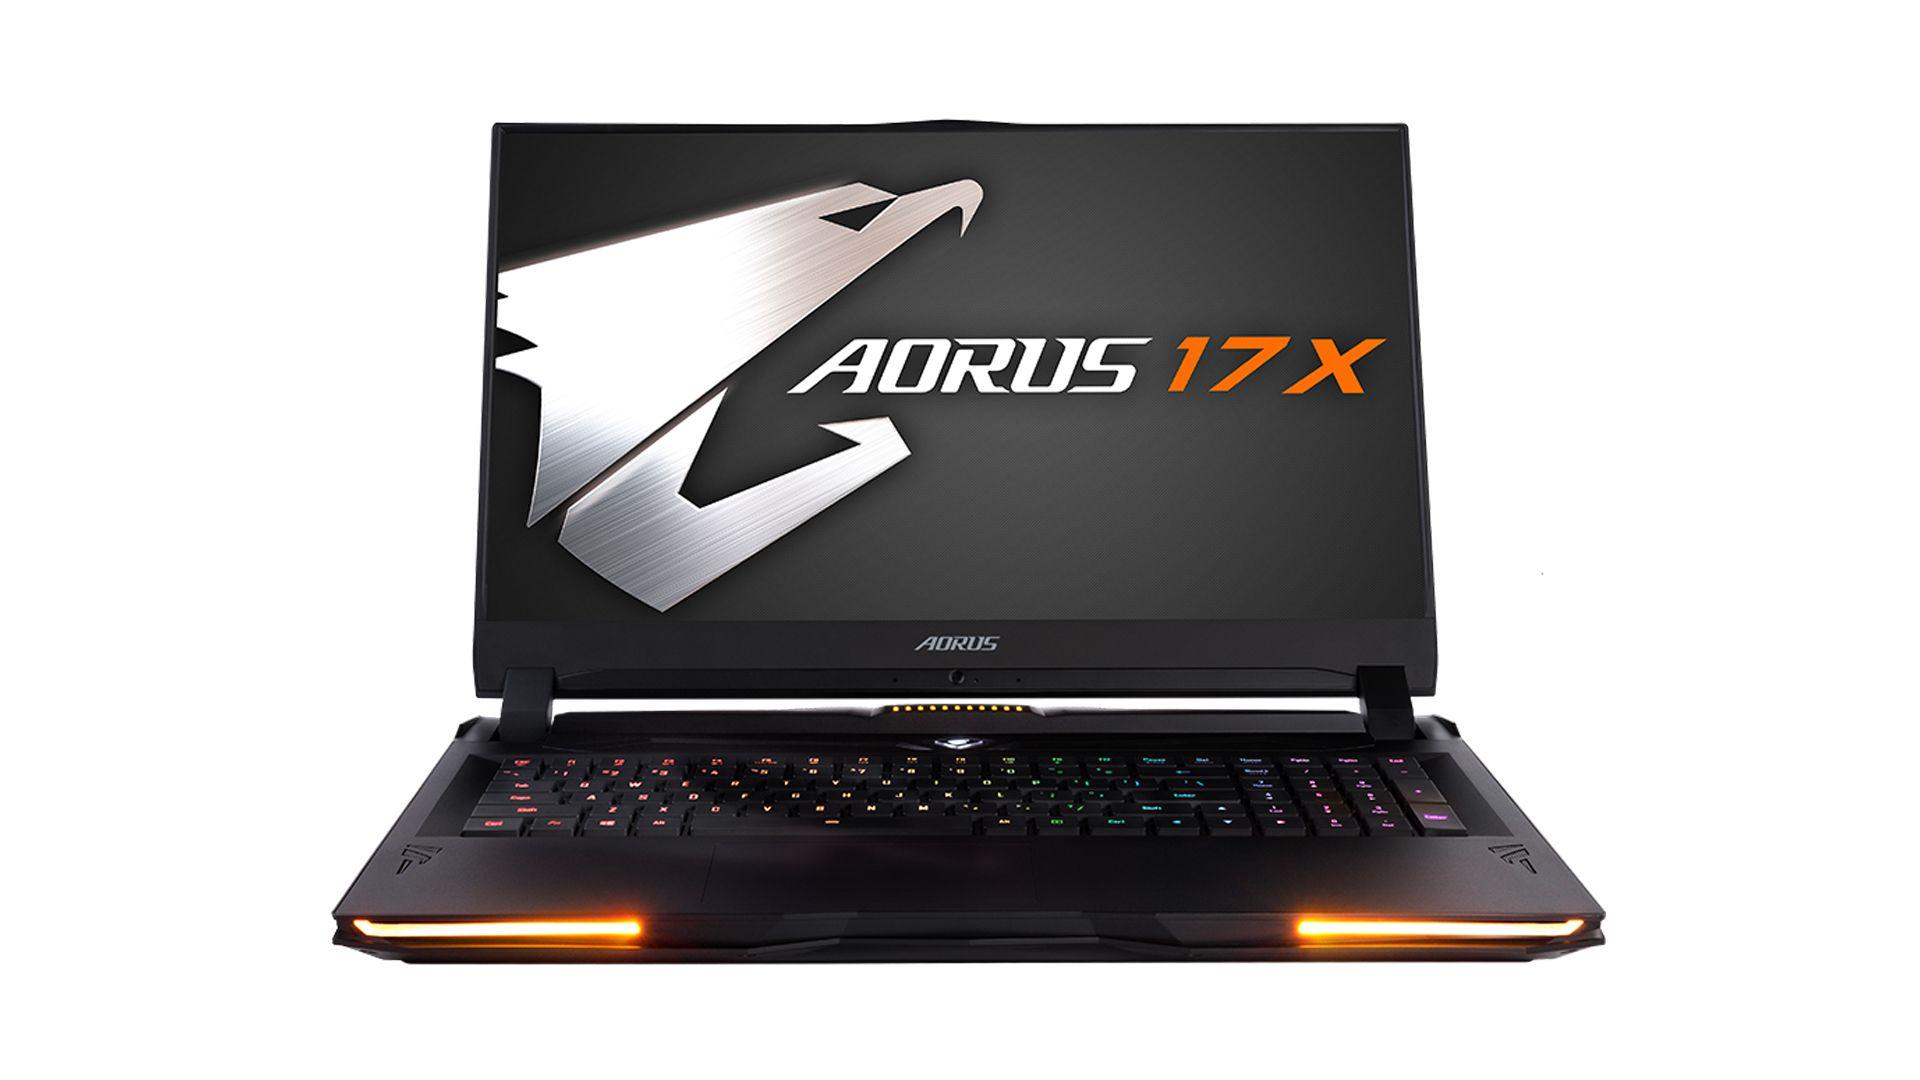 Aorus 17X, um dos lançamentos da Gigabyte para jogadores de alta performance. (Foto: Divulgação/Gigabyte)